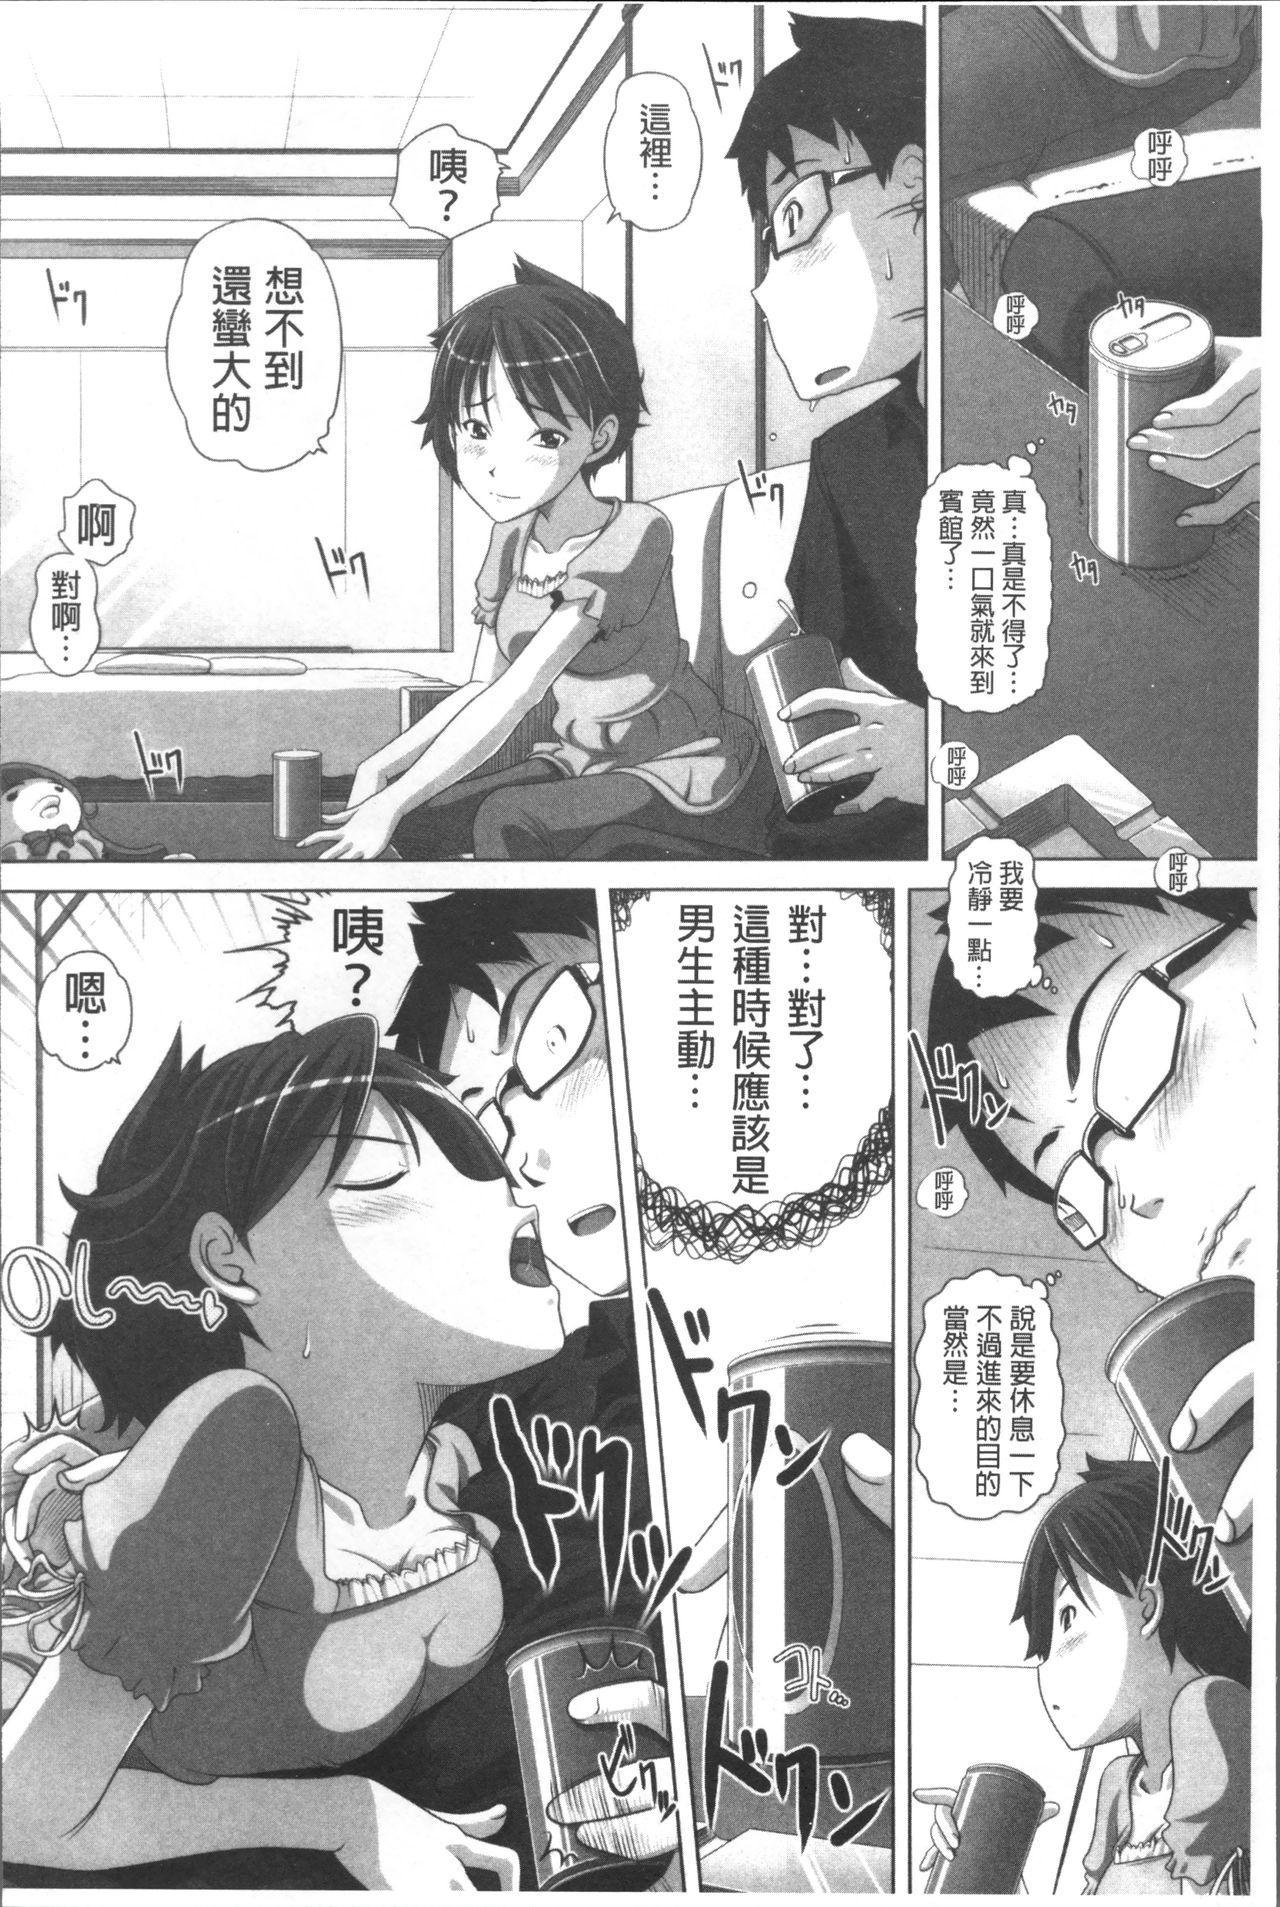 Ookii no? Chiisai no? Soretomo Chuukkurai? 56